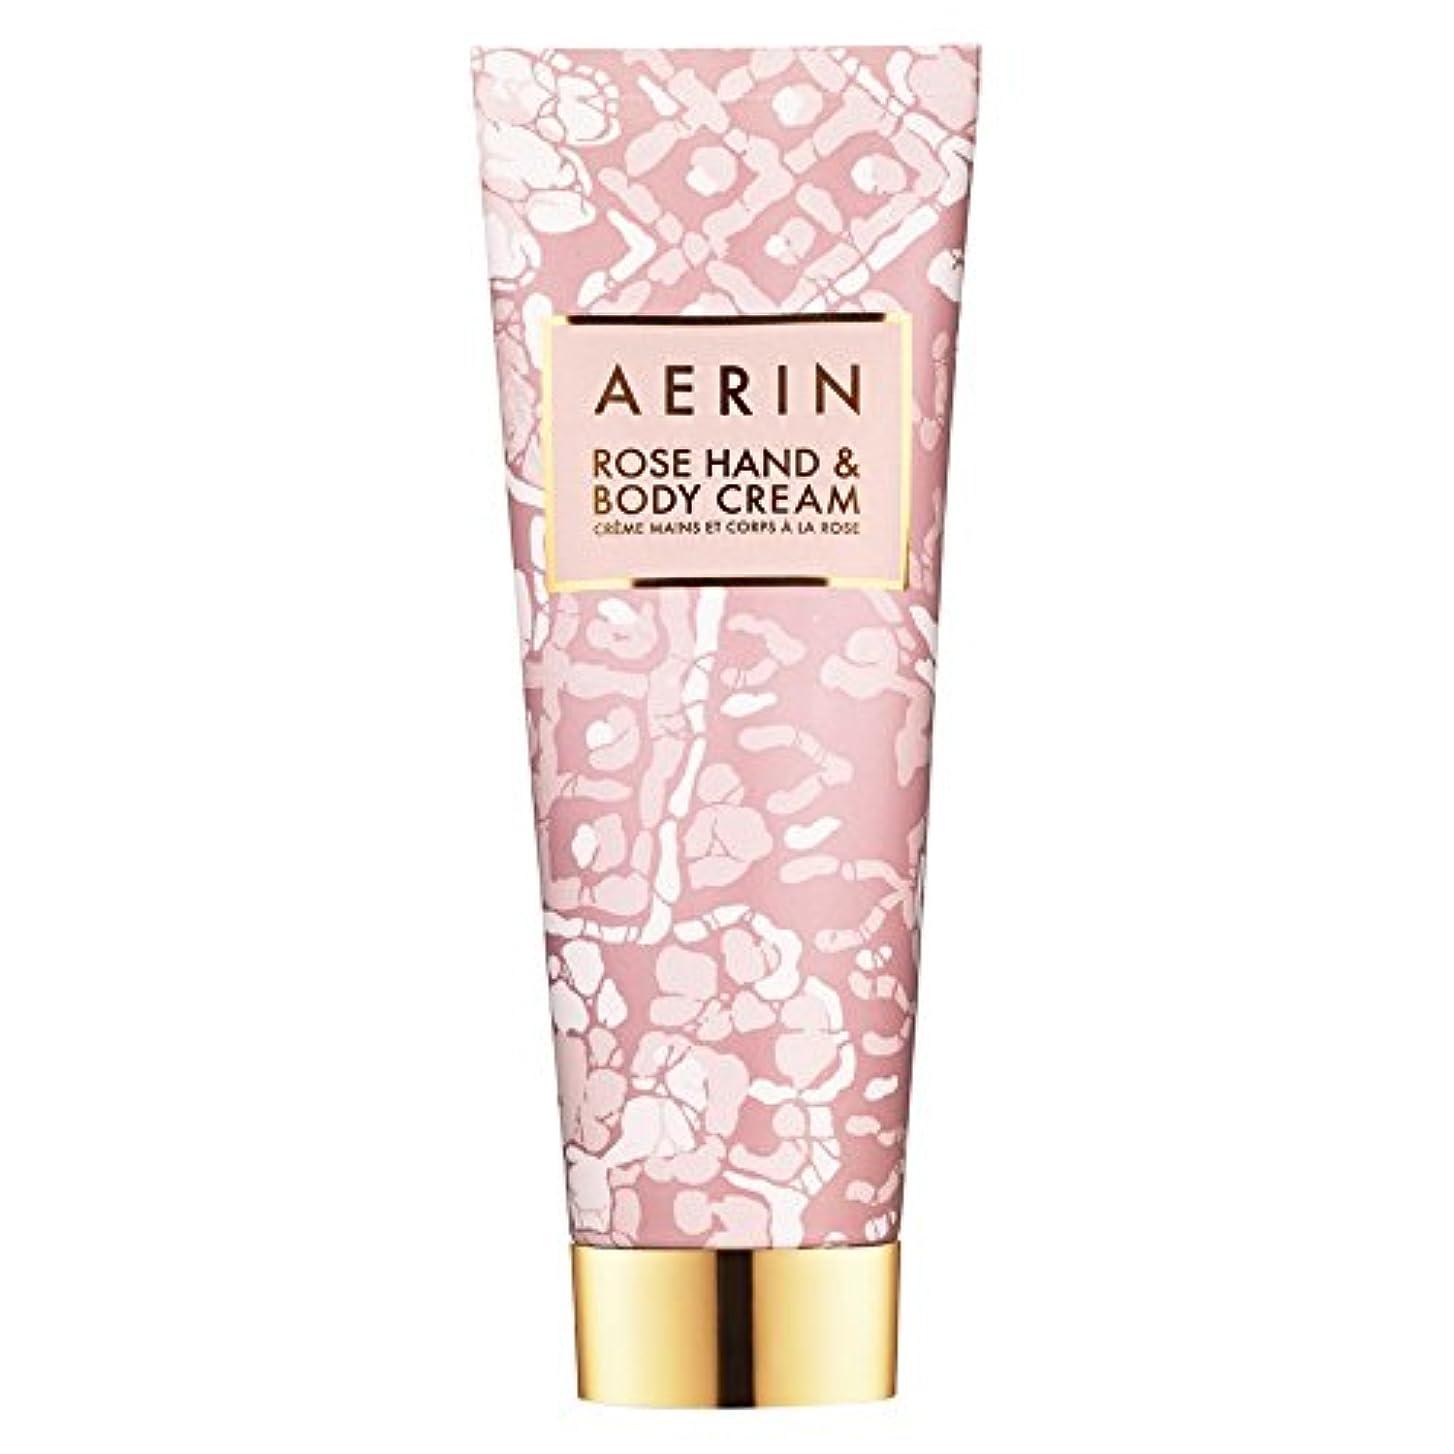 契約リダクター支給Aerinはハンド&ボディクリーム125ミリリットルをバラ (AERIN) (x2) - AERIN Rose Hand & Body Cream 125ml (Pack of 2) [並行輸入品]